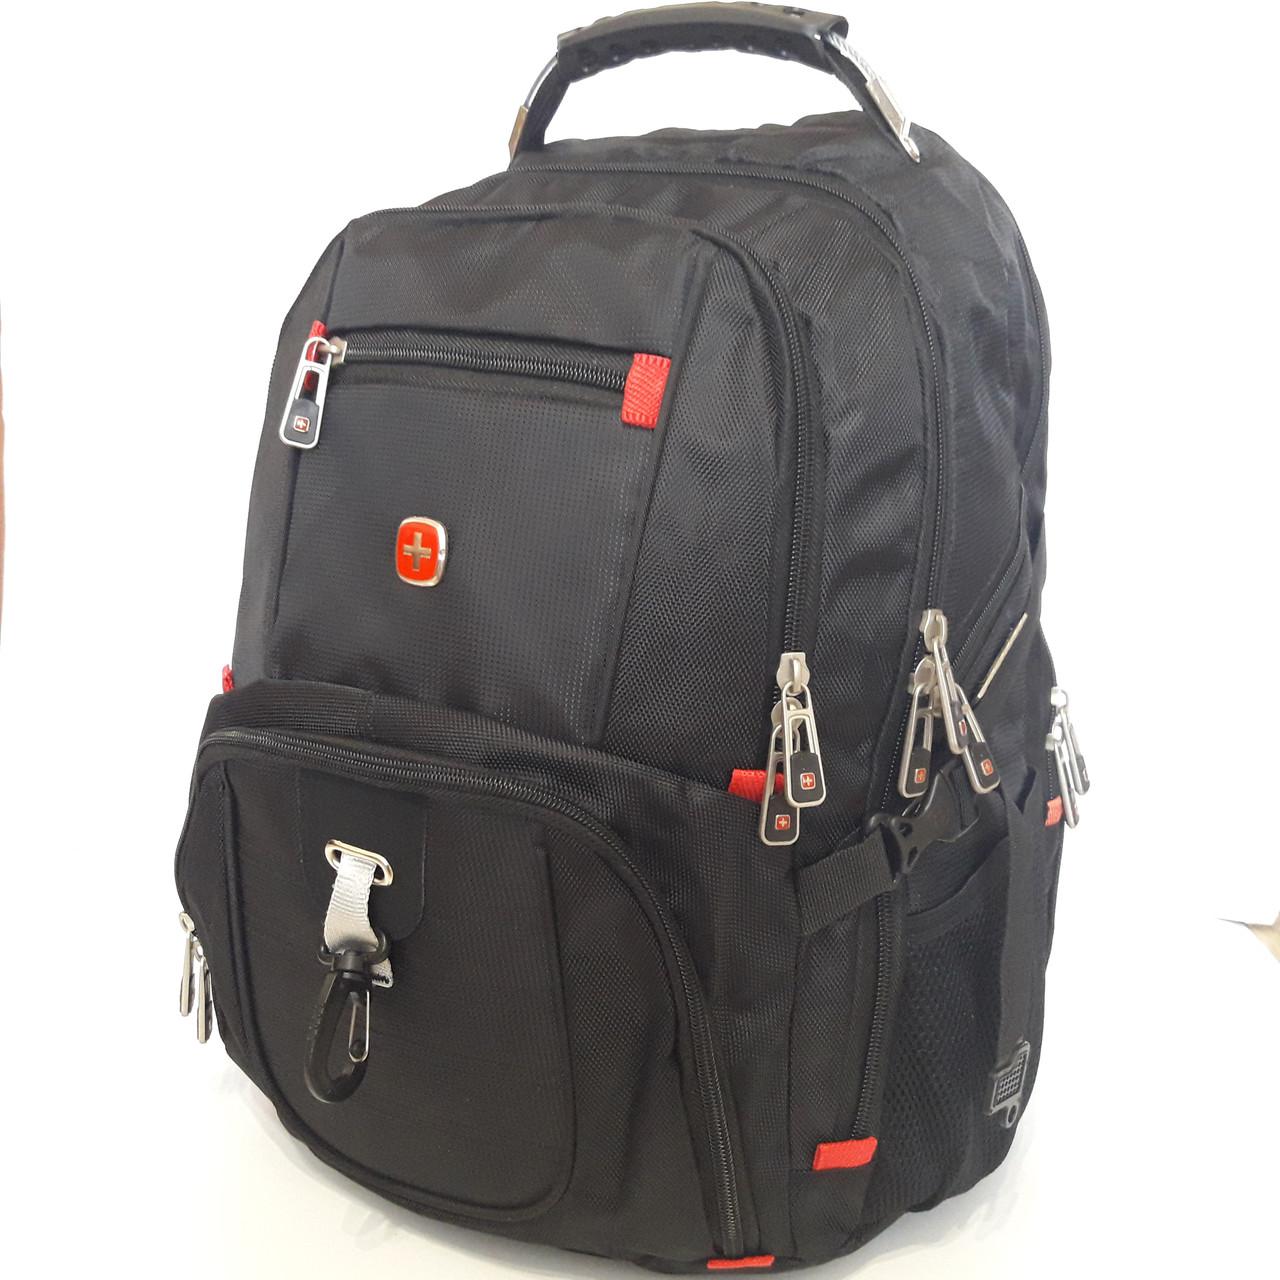 Рюкзаки большие мужские купить украина рюкзак i love mum rz43 купить в москве